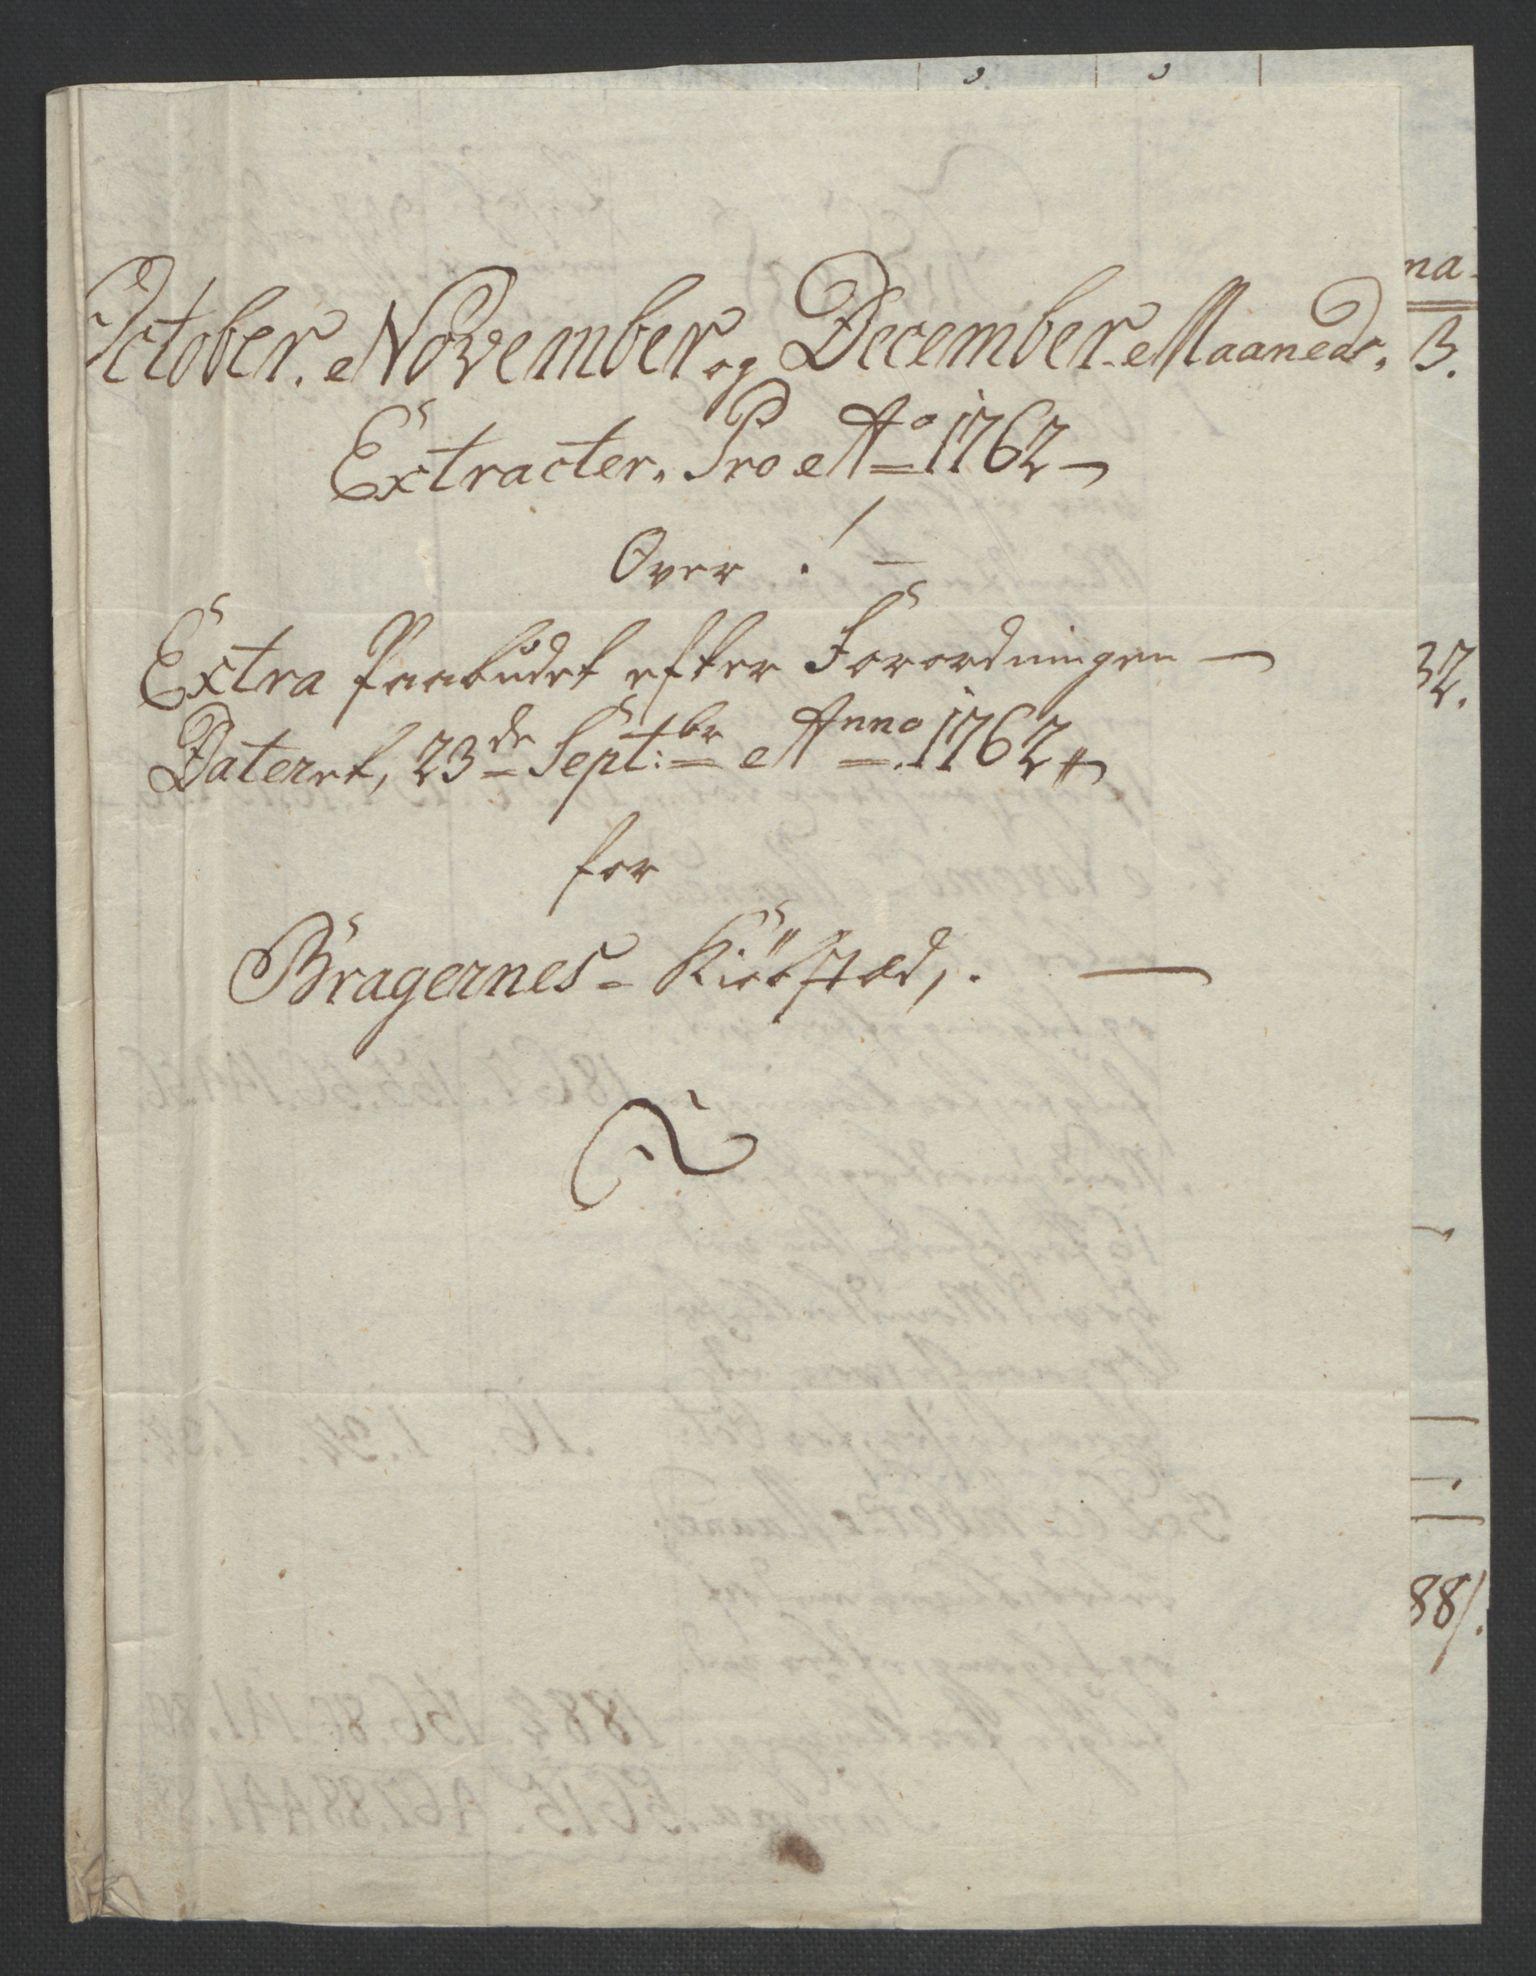 RA, Rentekammeret inntil 1814, Reviderte regnskaper, Byregnskaper, R/Rf/L0119: [F2] Kontribusjonsregnskap, 1762-1767, s. 52